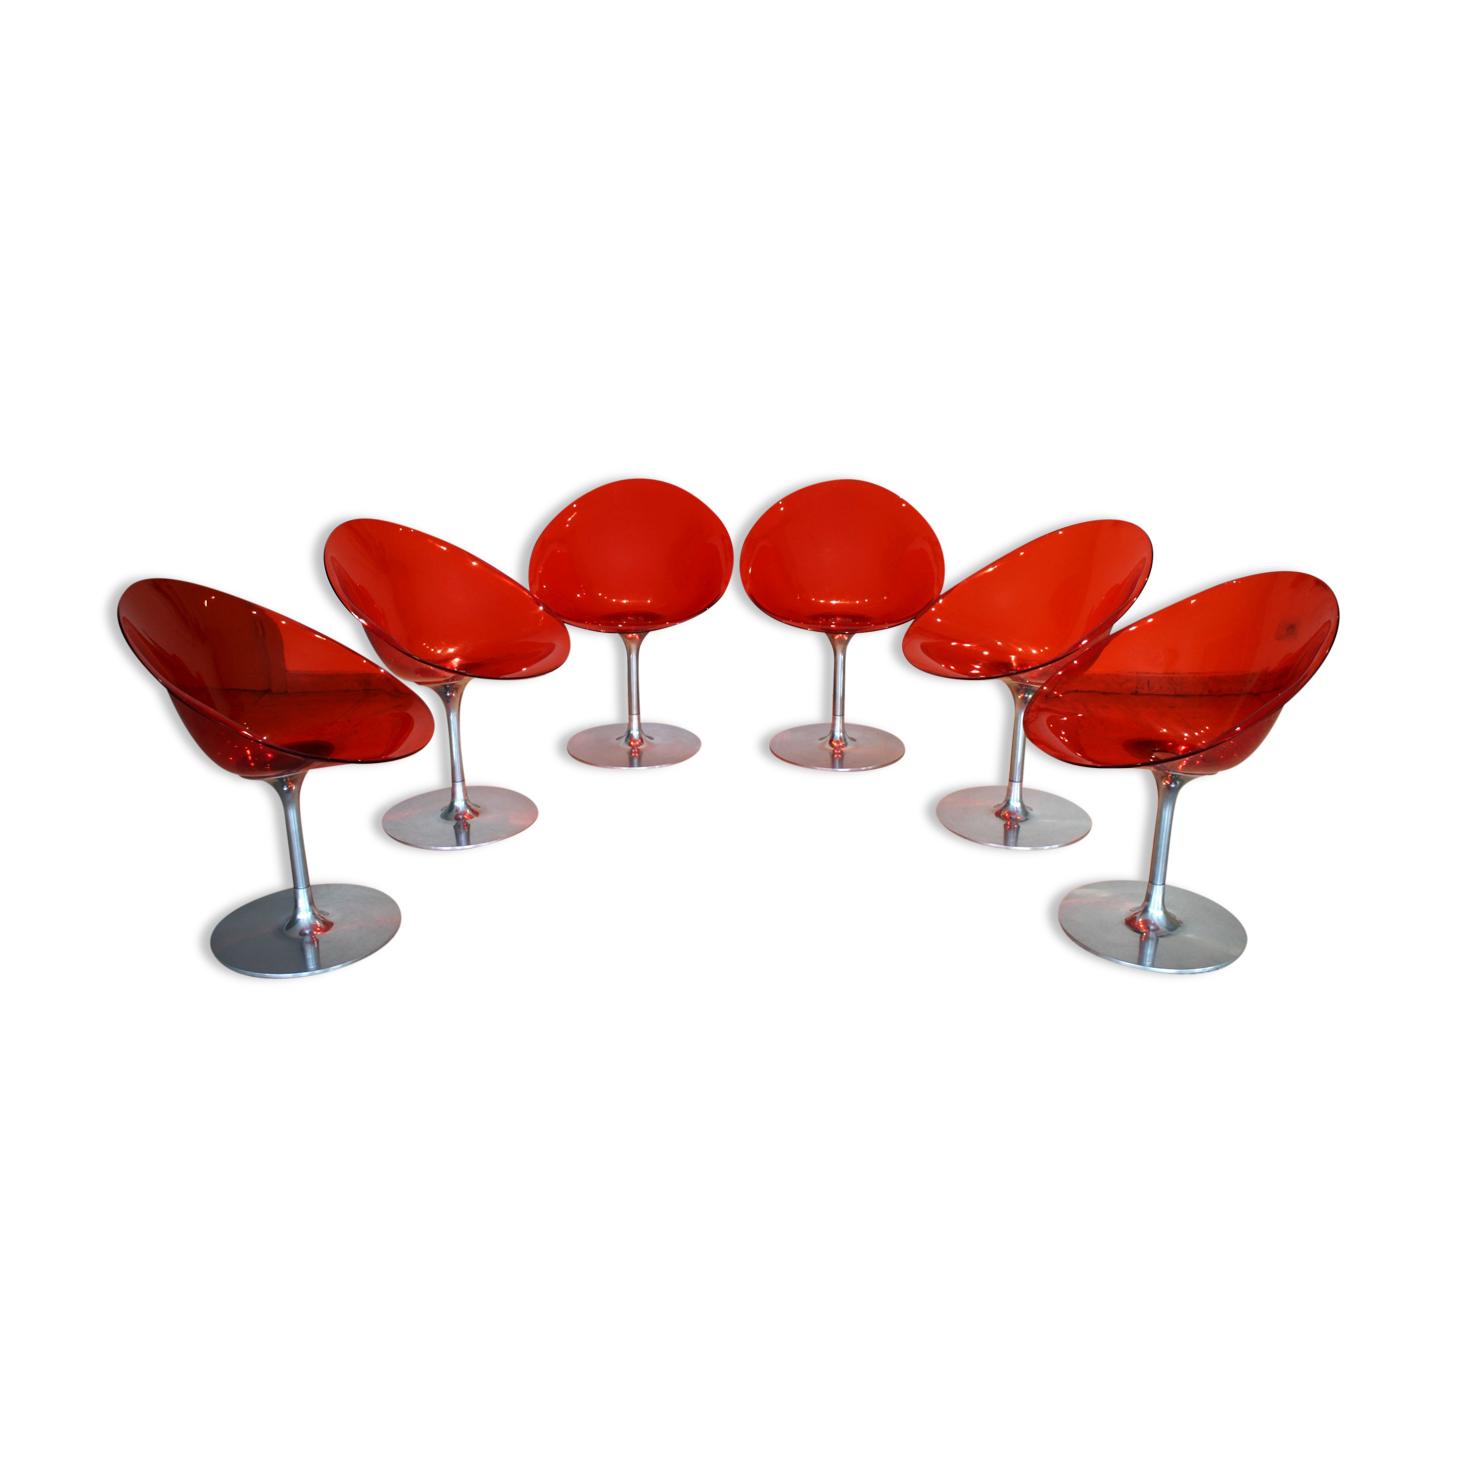 Ensemble de 6 fauteuils Eros, Phillipe Starck pour Kartell, 1999.